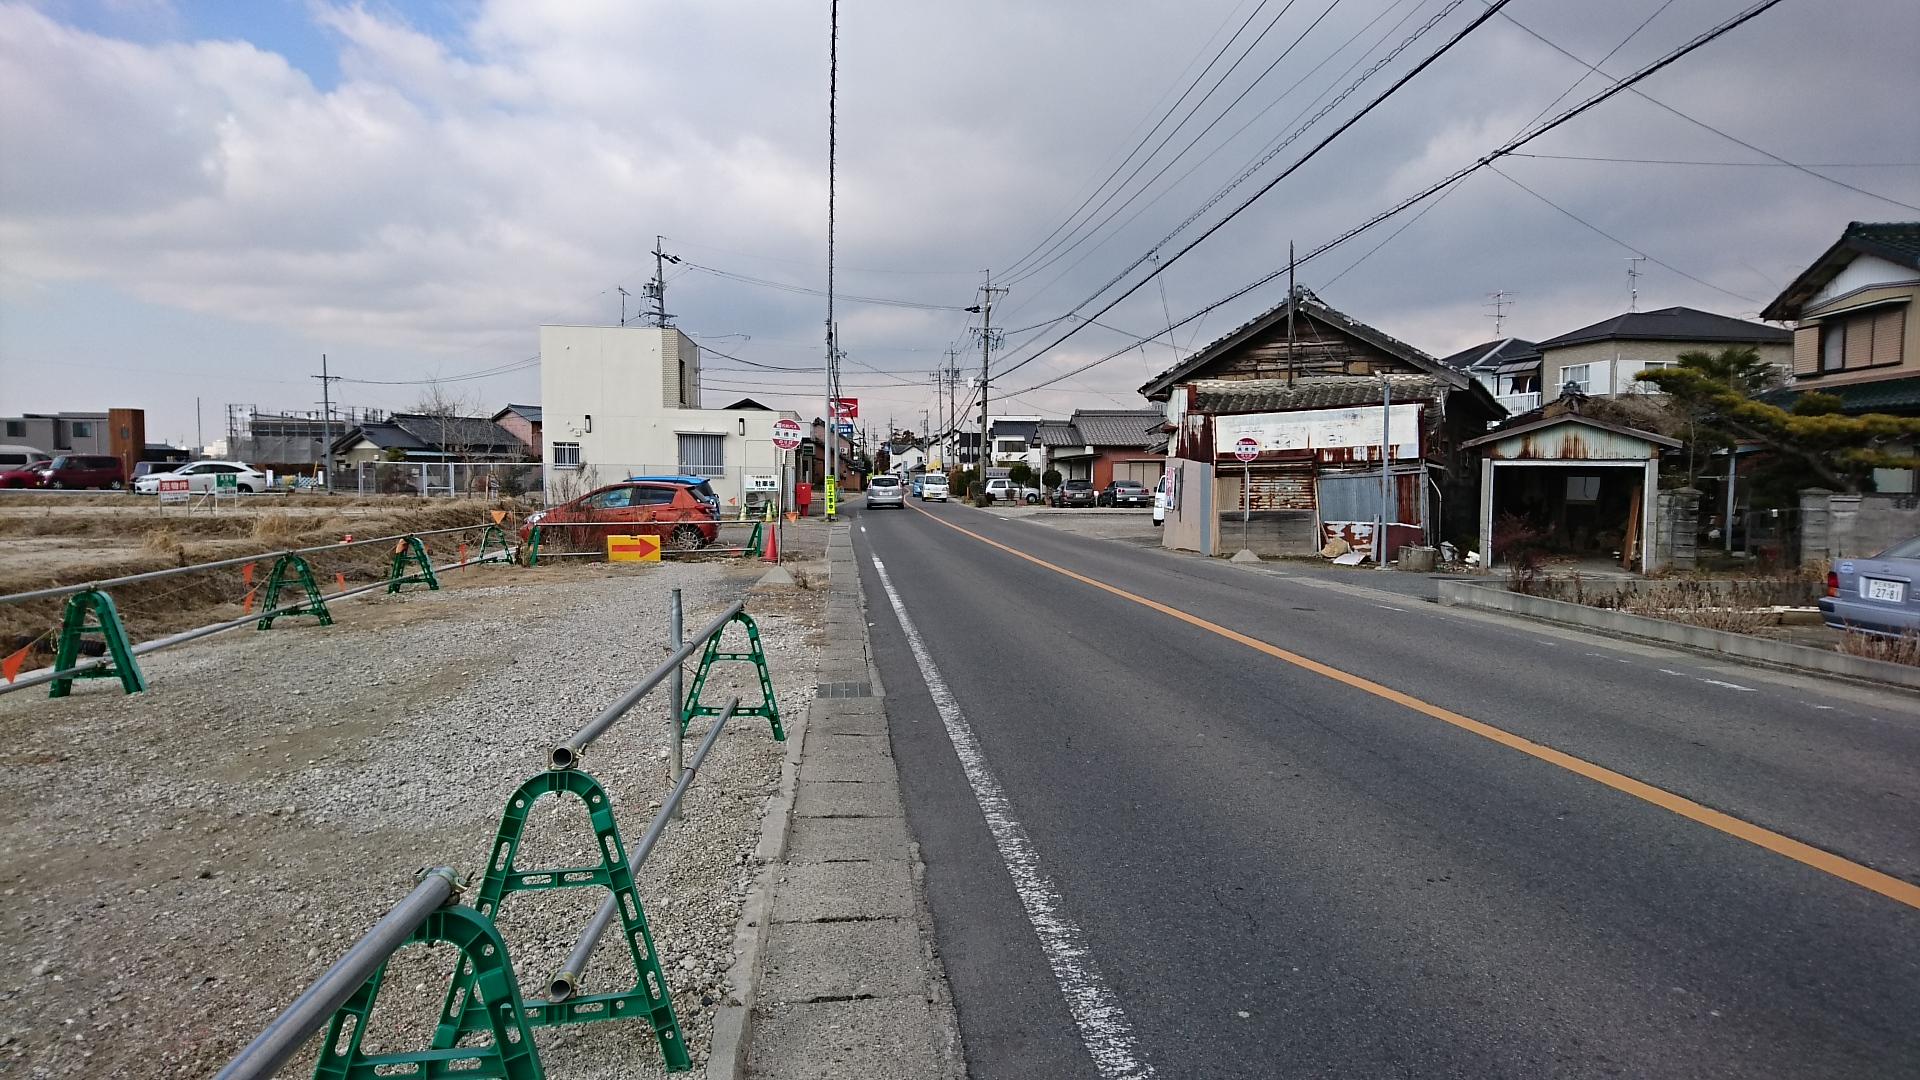 2018.2.5 東山住宅線 (64) 高橋町バス停 1920-1080